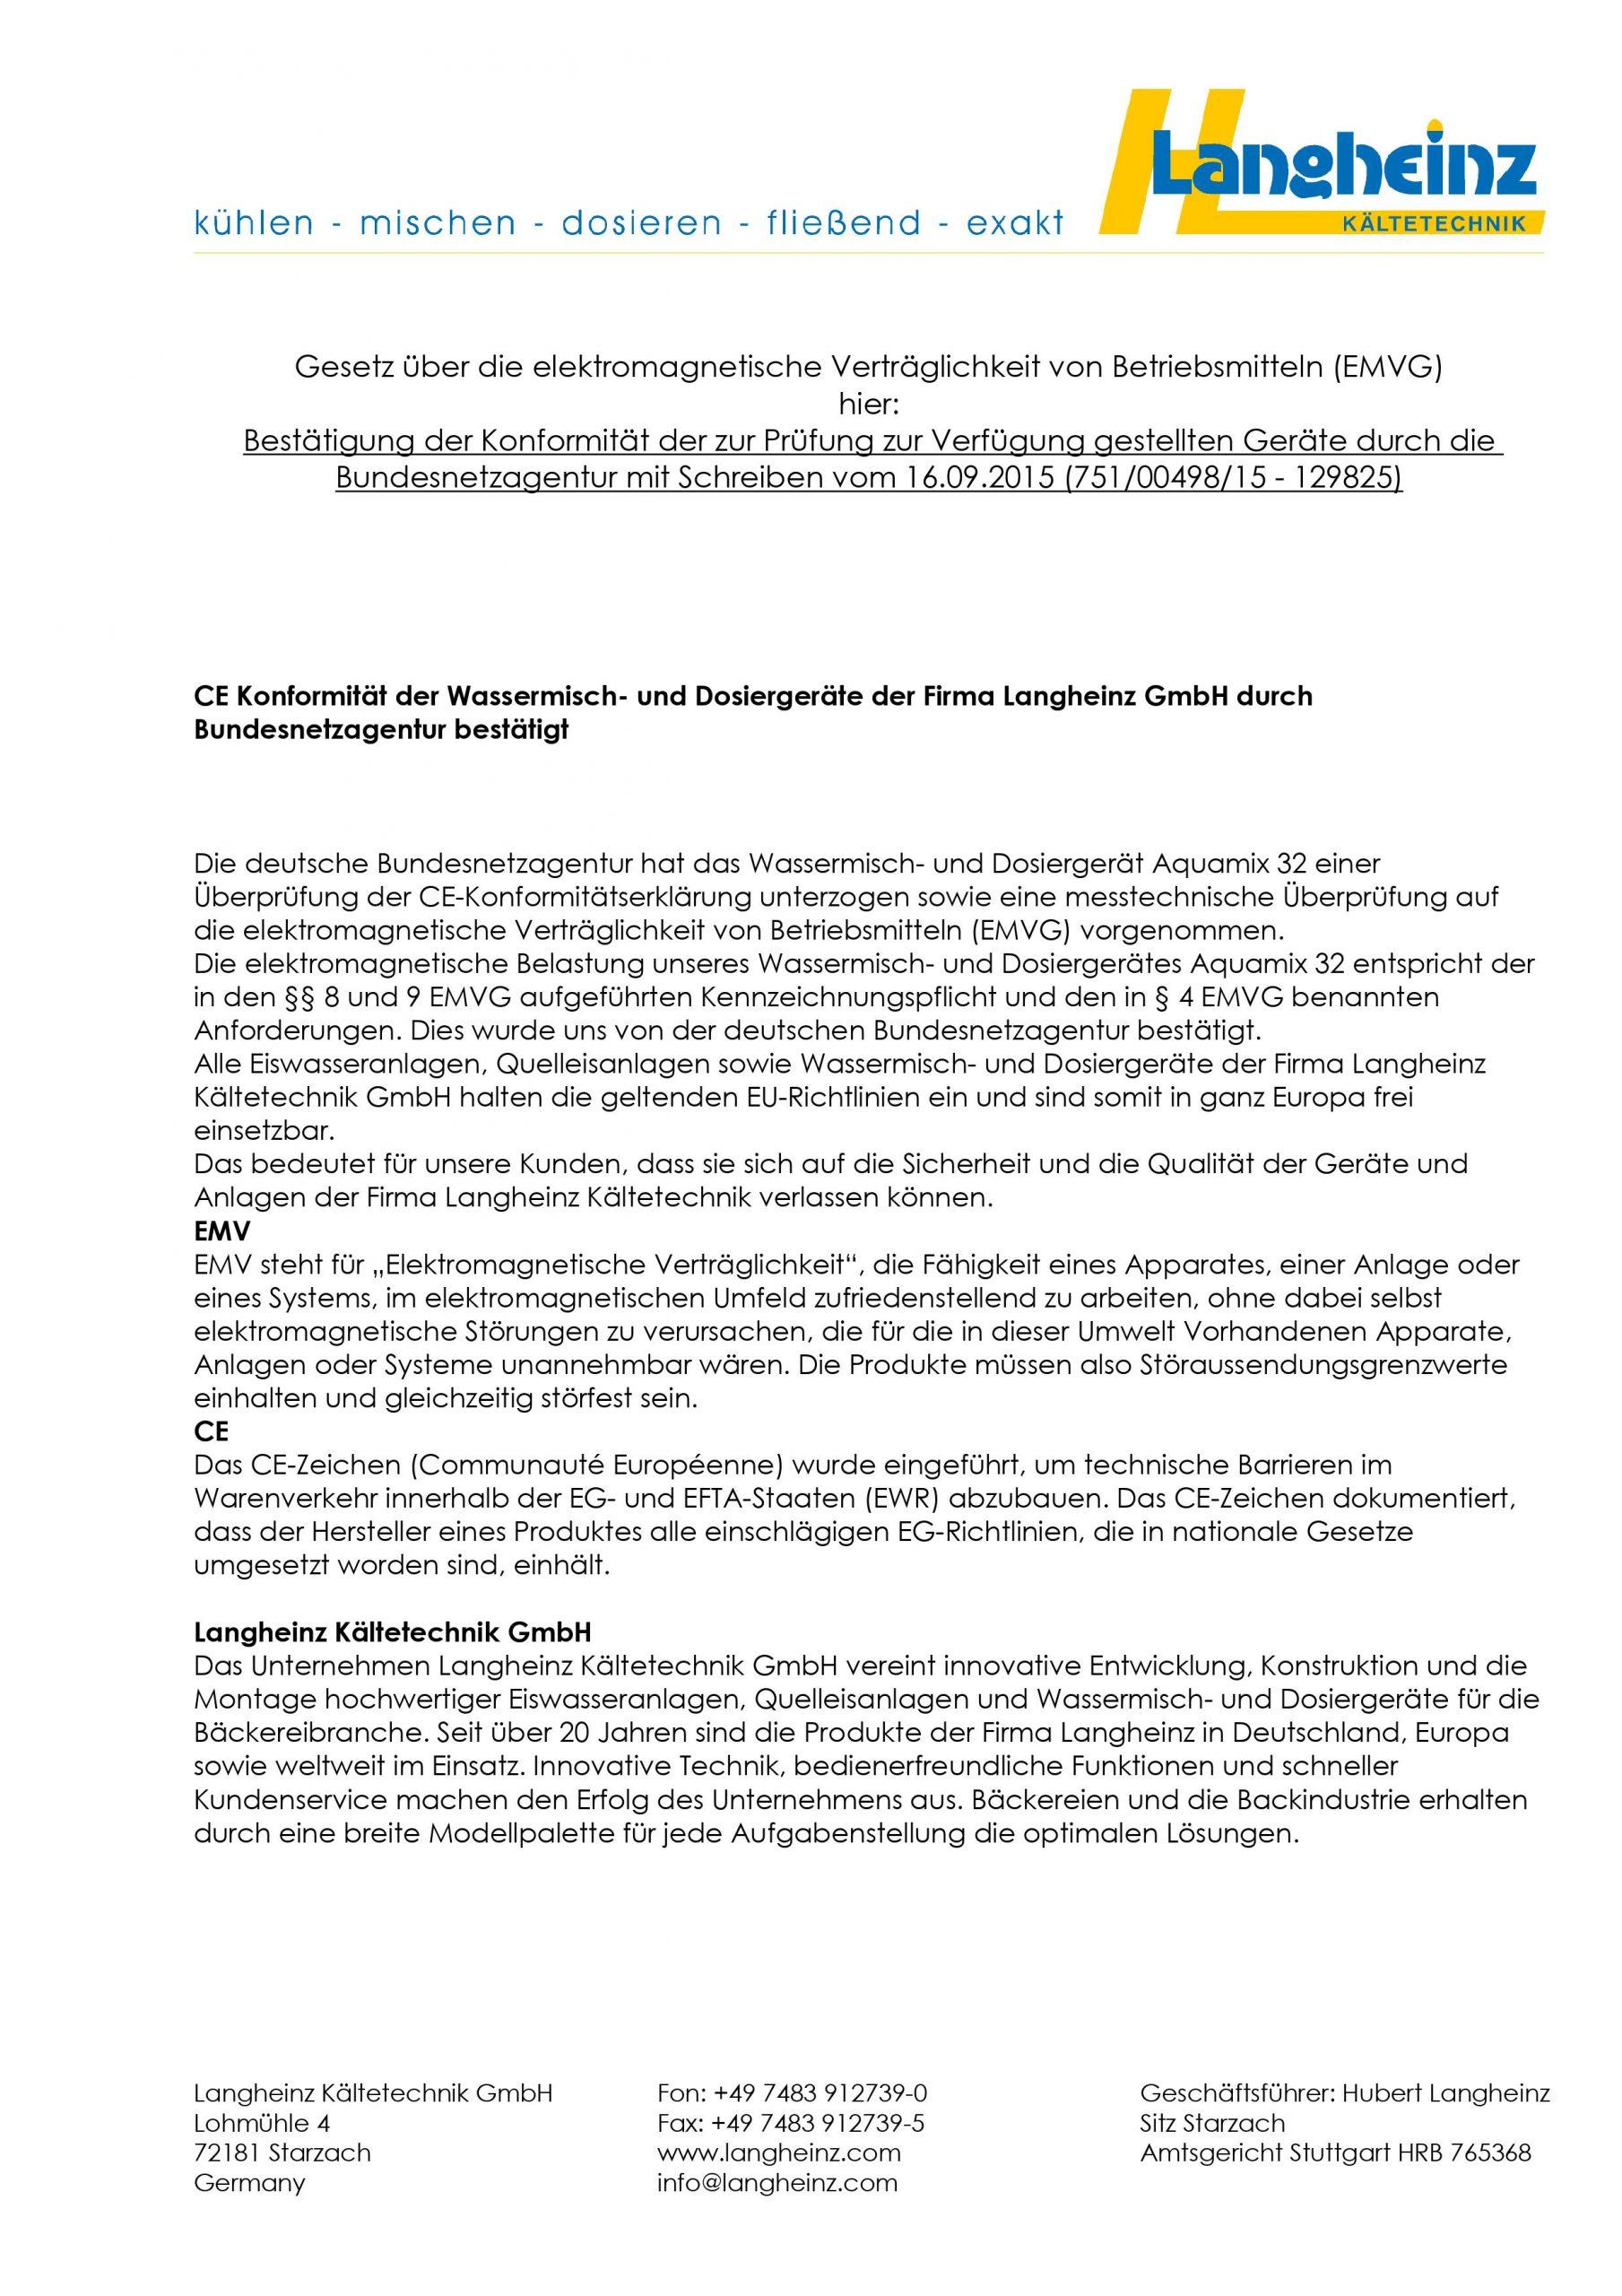 """Preview des Zertifikates """"CE Konformität"""" der Langheinz Kältetechnik GmbH"""